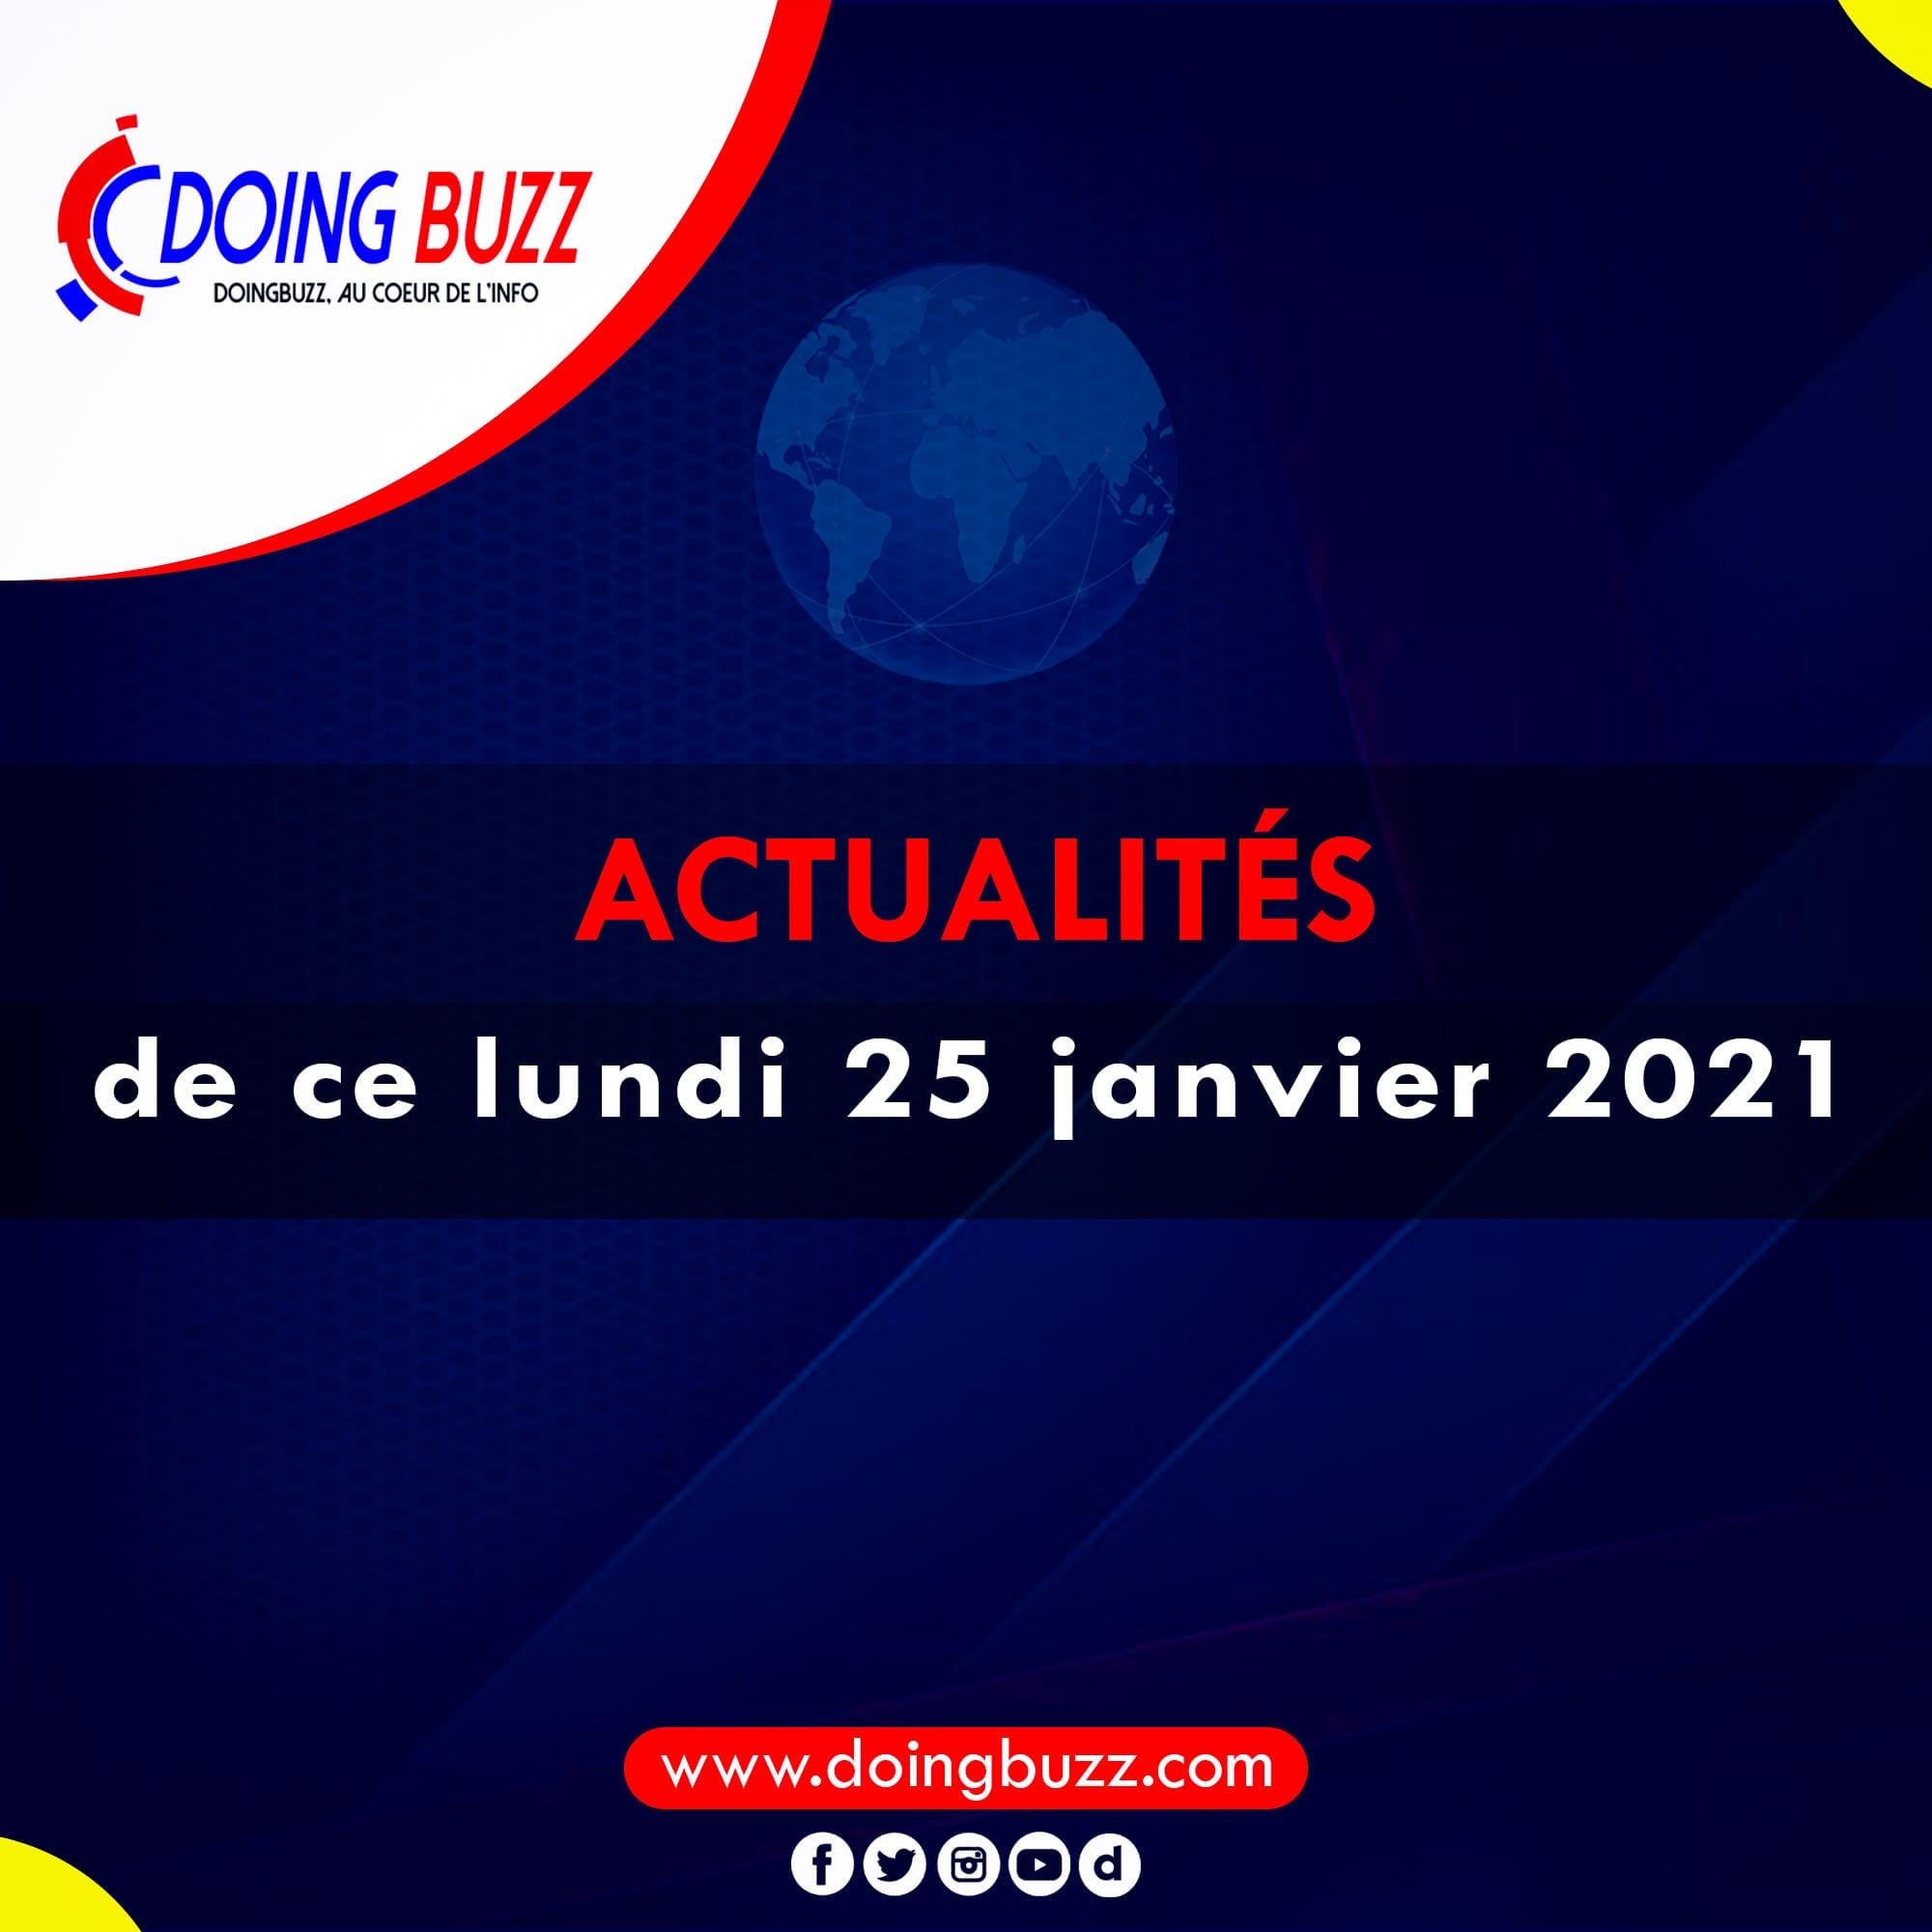 Actualités du jour sur Doingbuzz: Lundi le 25 Janvier 2021